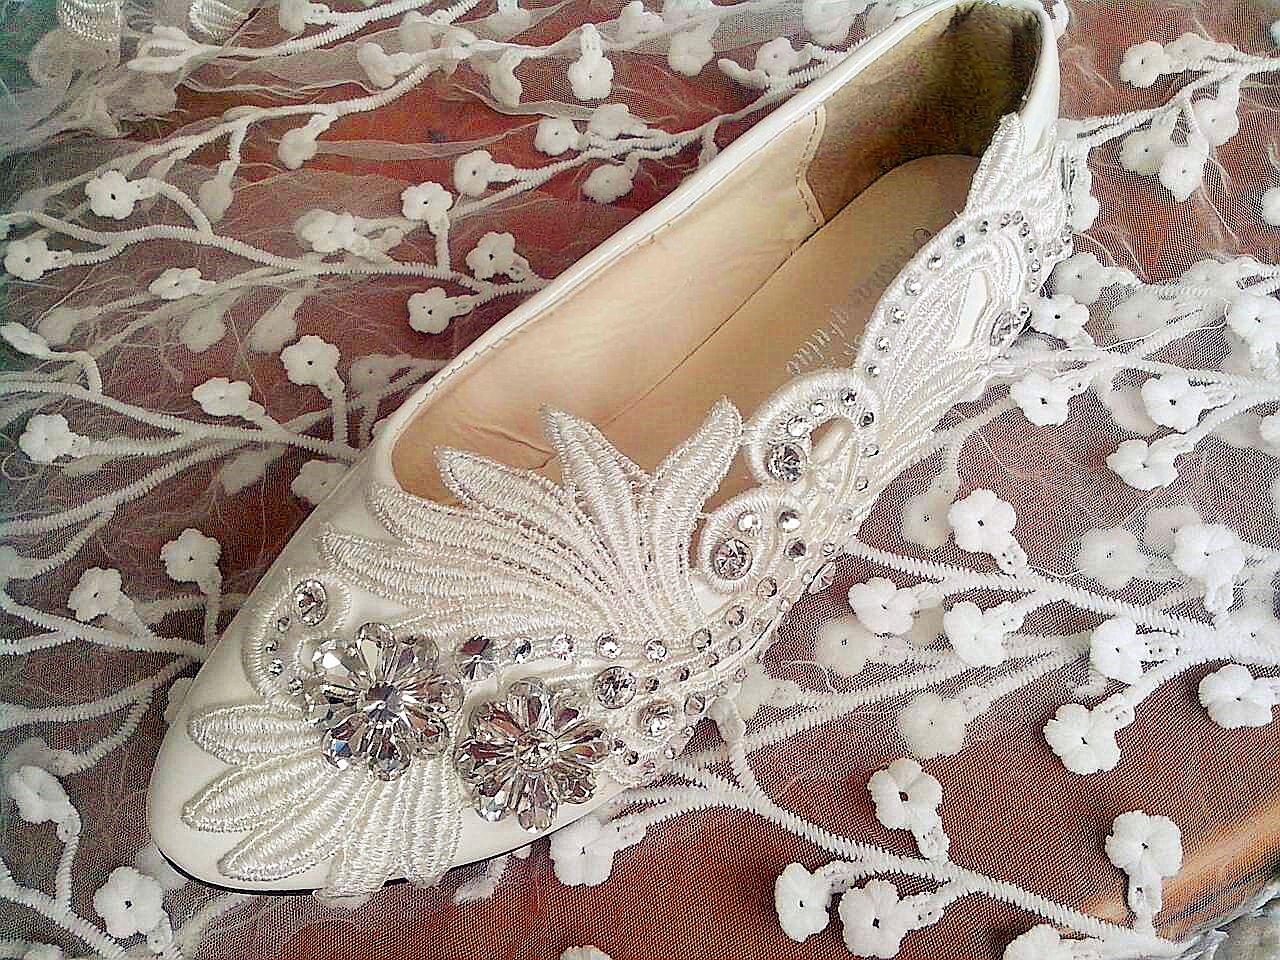 JINGXINSTORE Wohnung 4 7 5 cm Absatz weiß elfenbein Crystal lace Wedding schuhe Bridal Größe 6-10